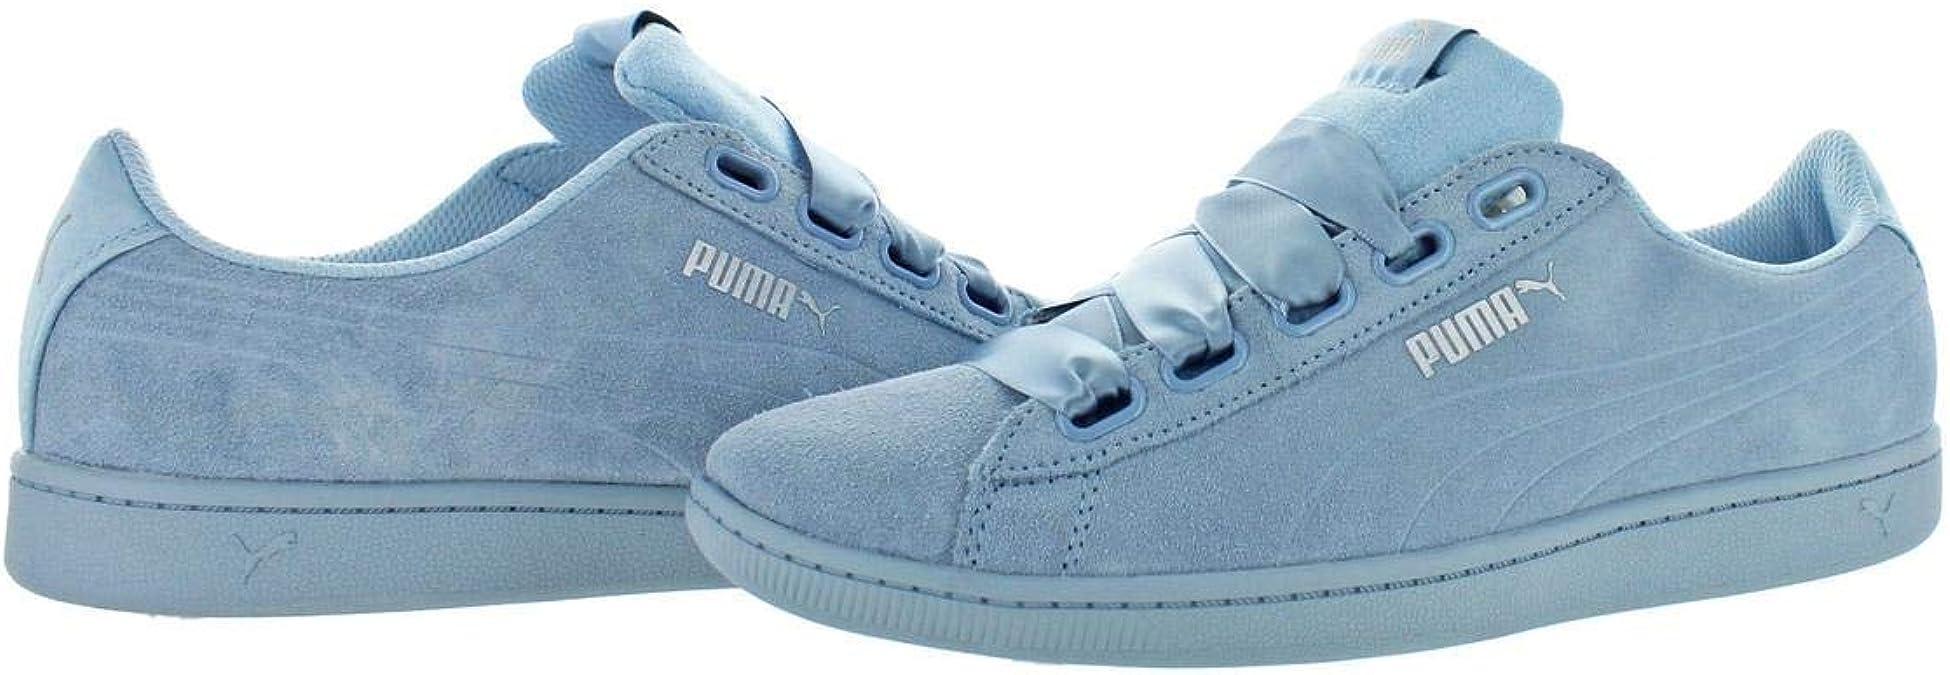 scarpe puma vicky